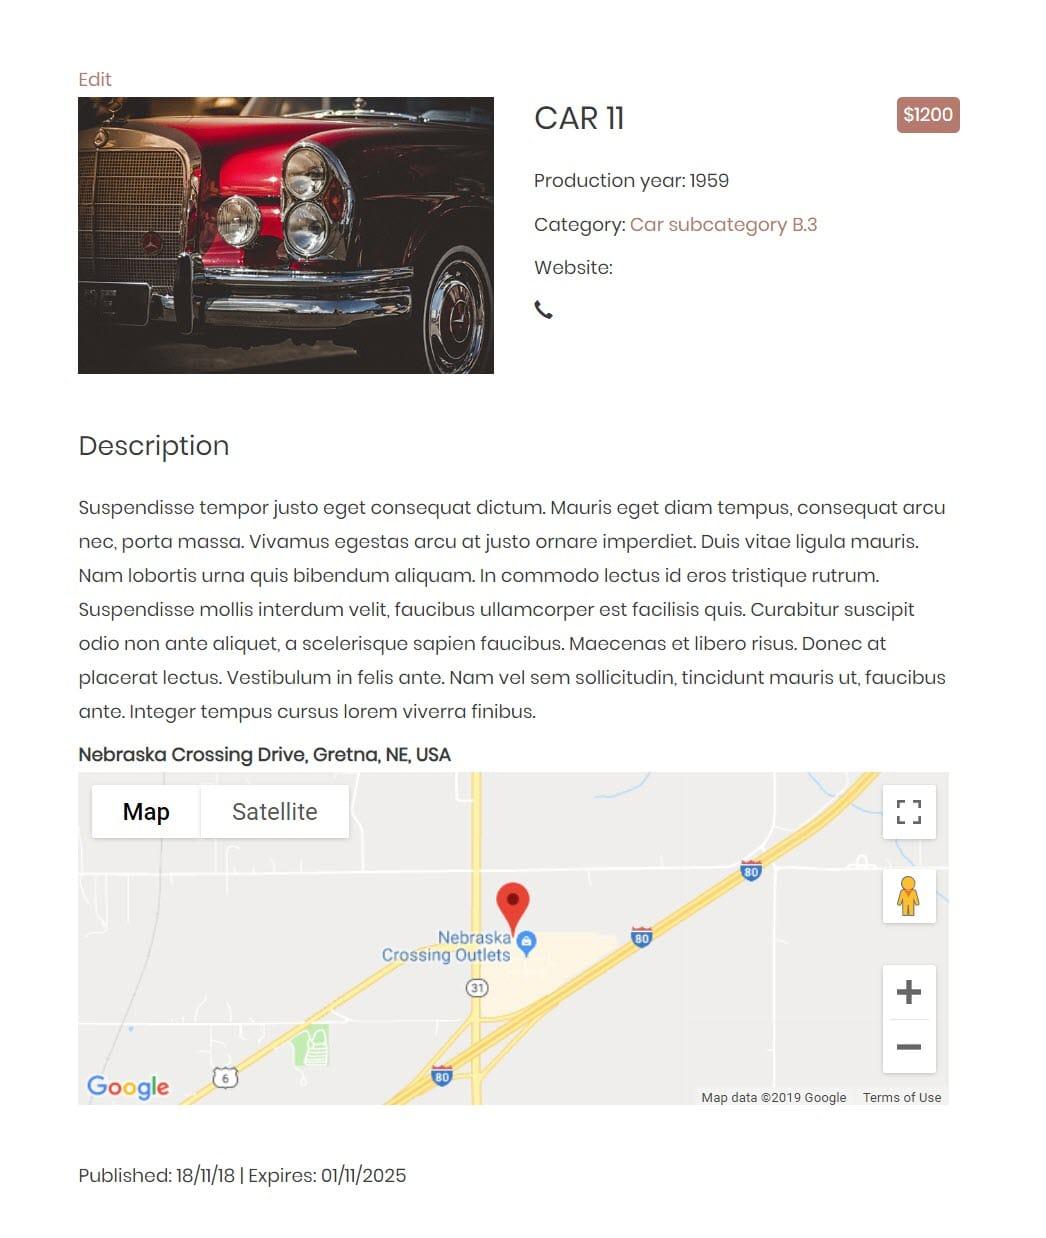 Exemplo de modelo de listagem de carros